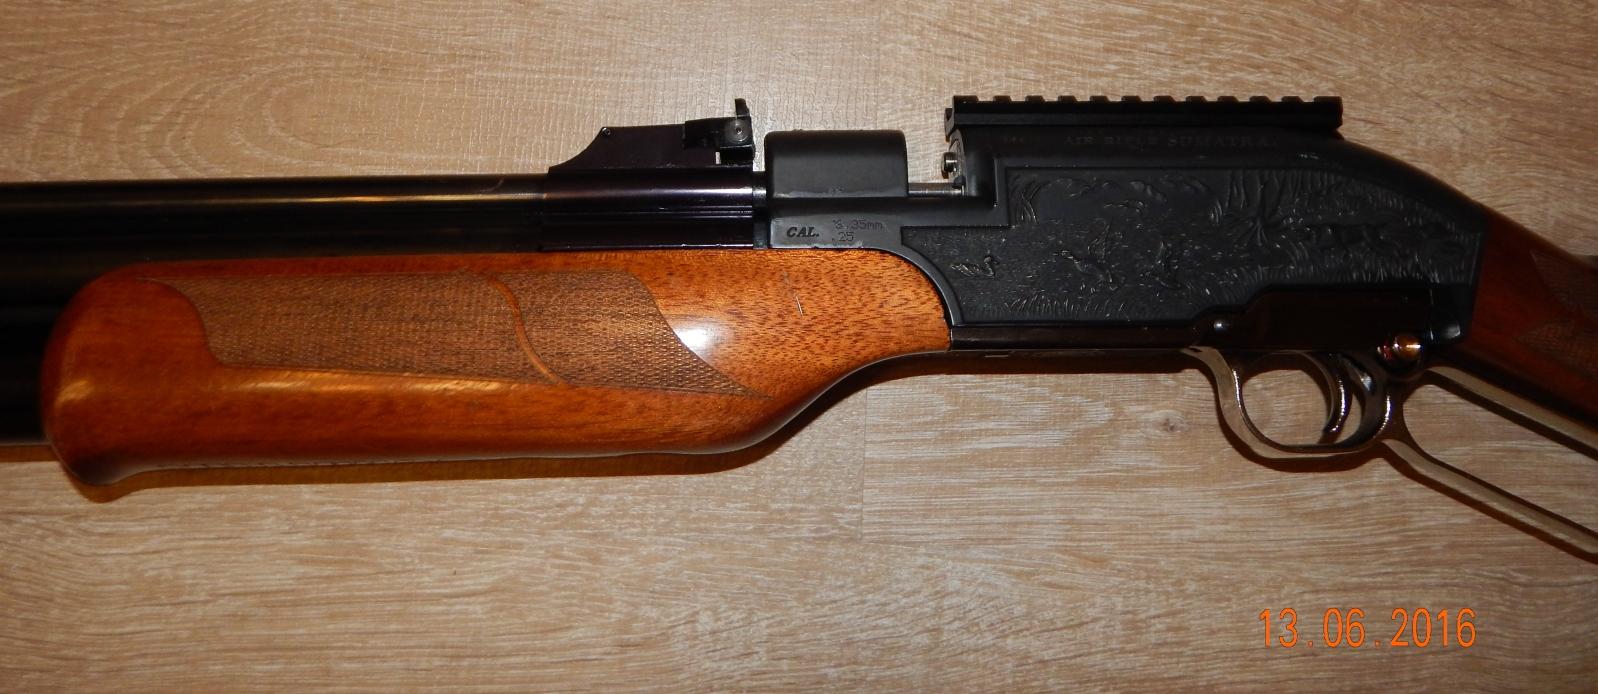 Продам Sumatra винтовка cal 6.35 объем 500 308h1fl